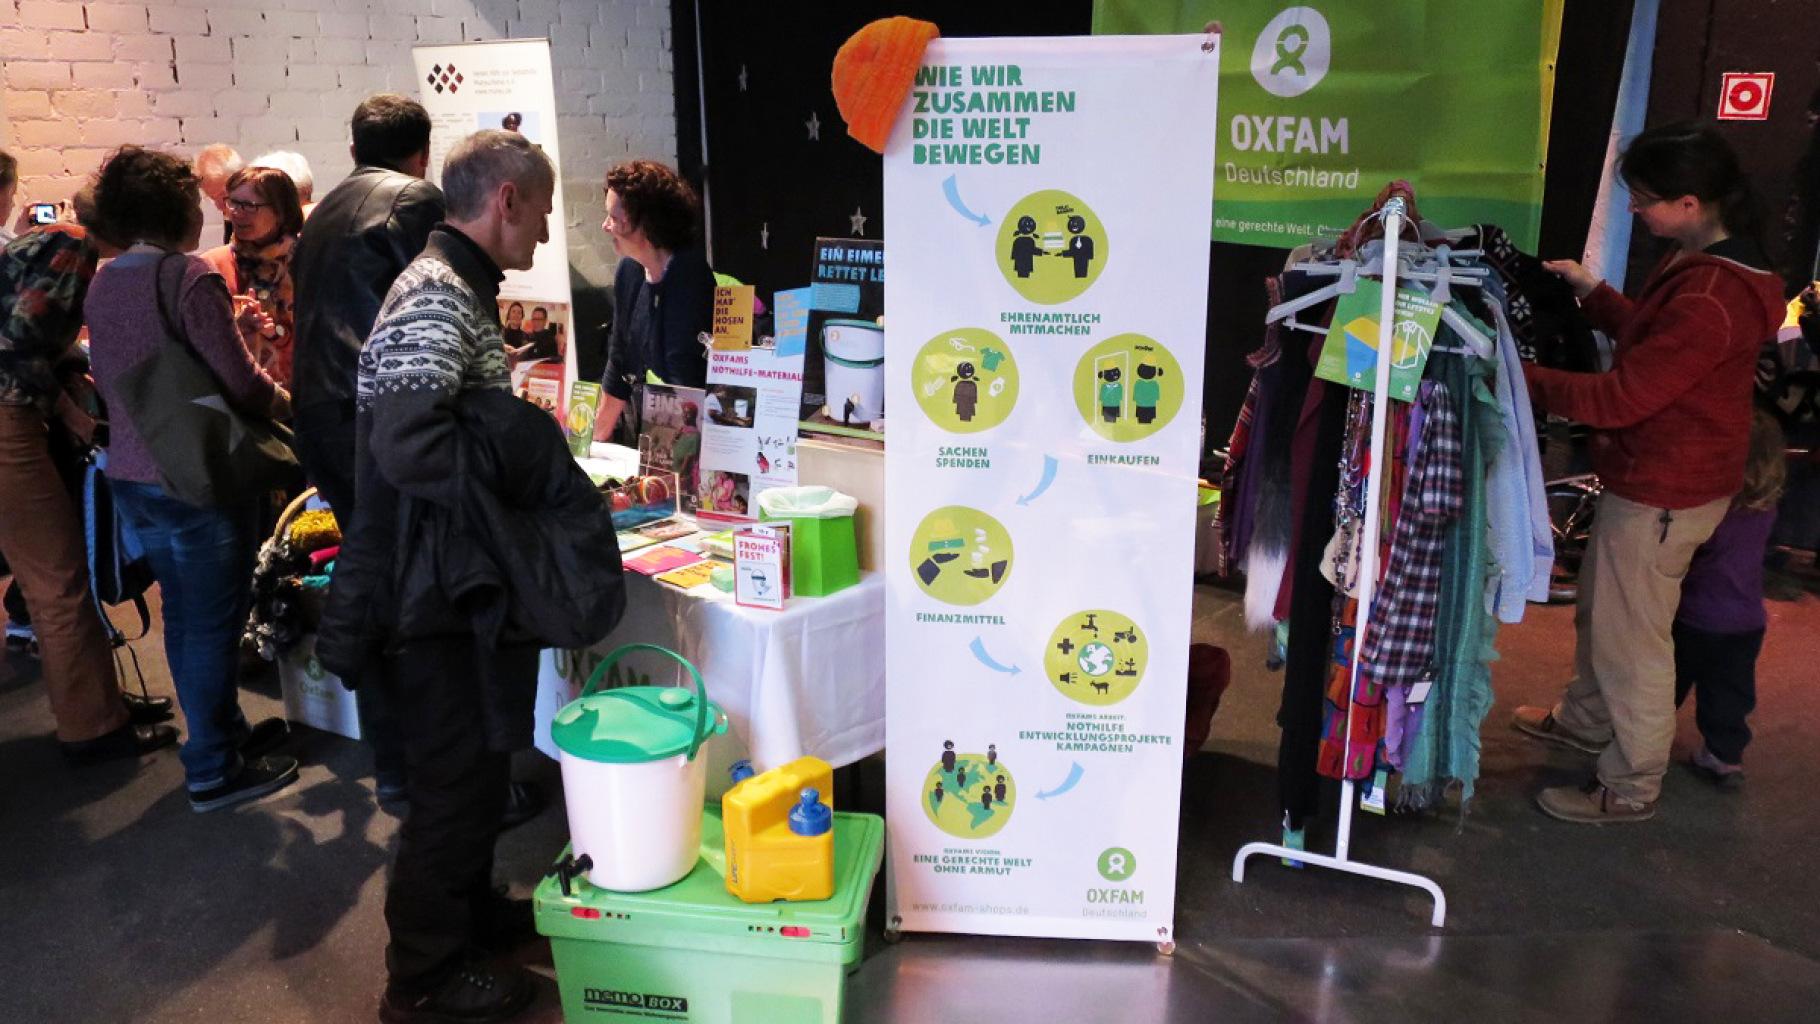 Besucher am Oxfam-Stand beim Allerweltsfest in Ulm 2016